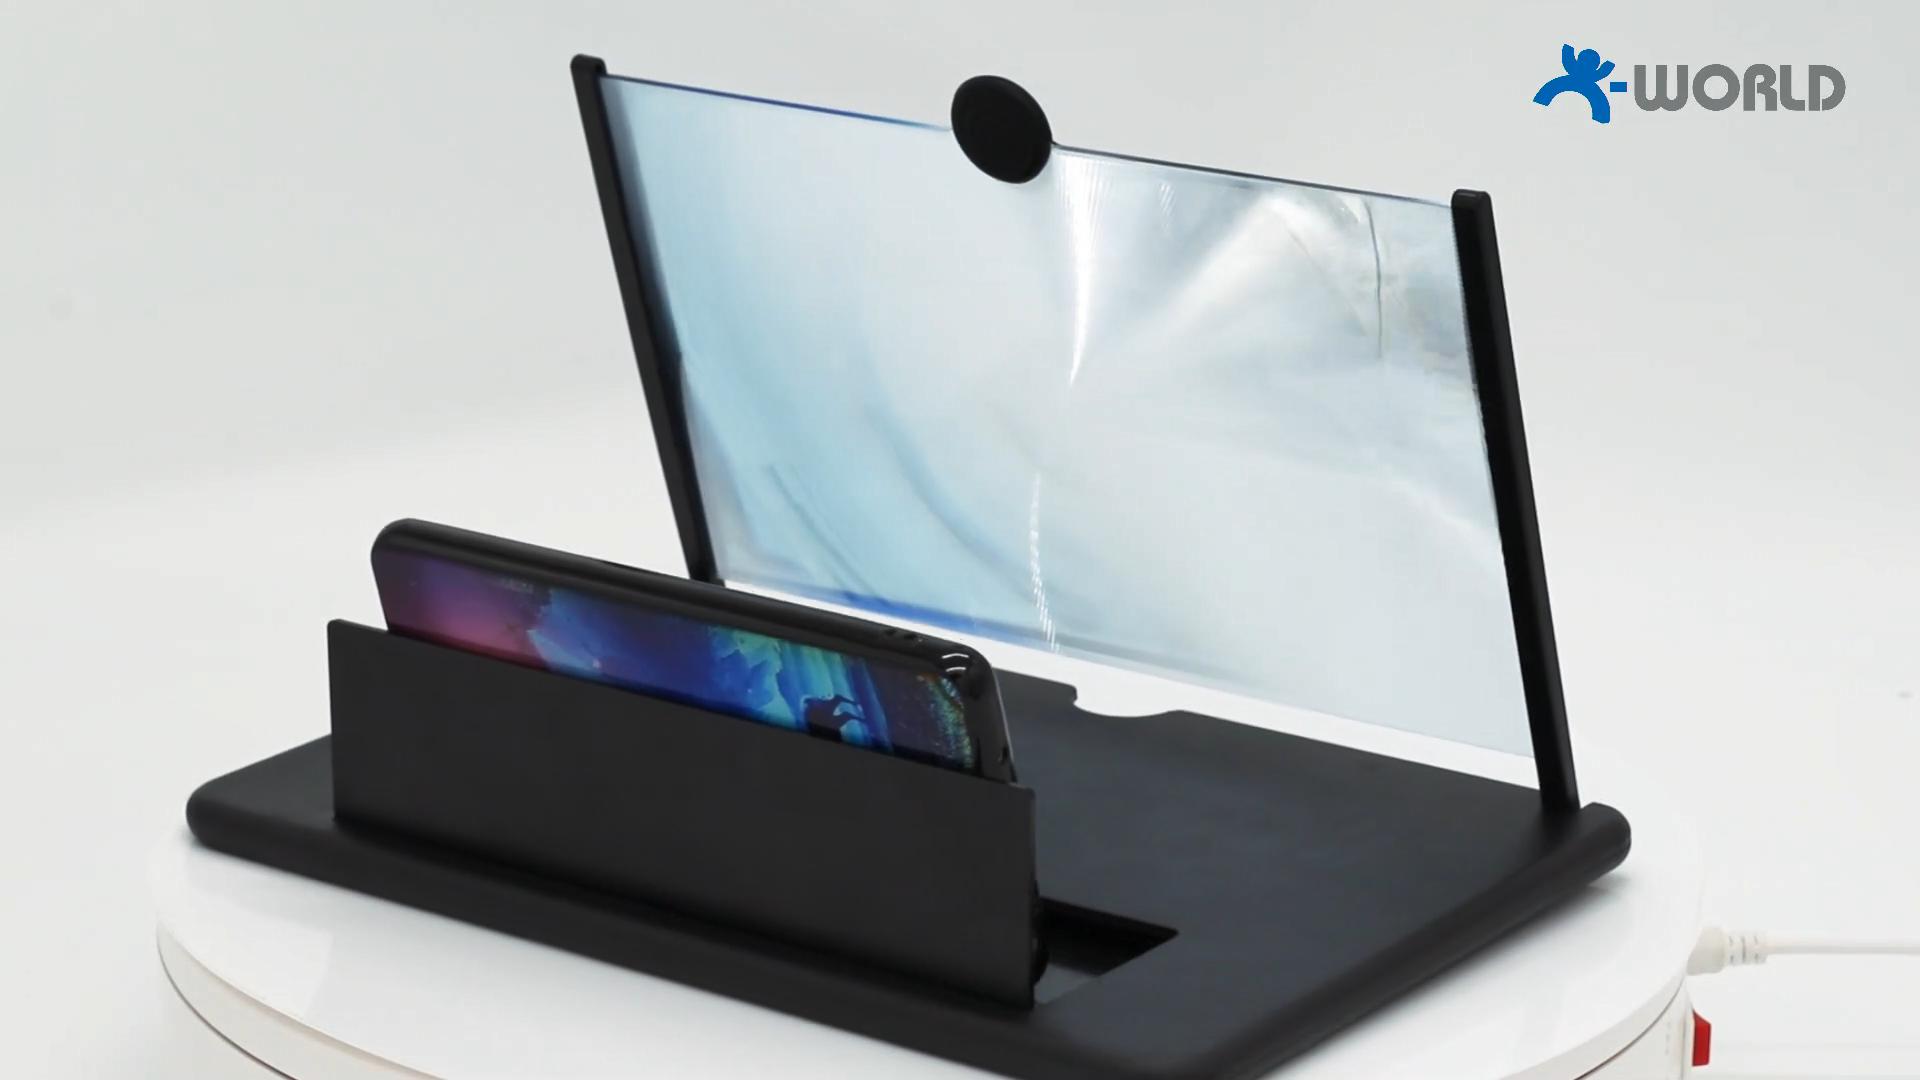 Proyector móvil Universal 3D de 12 pulgadas para películas, vídeos y videojuegos, dispositivo ampliador de pantalla de teléfono